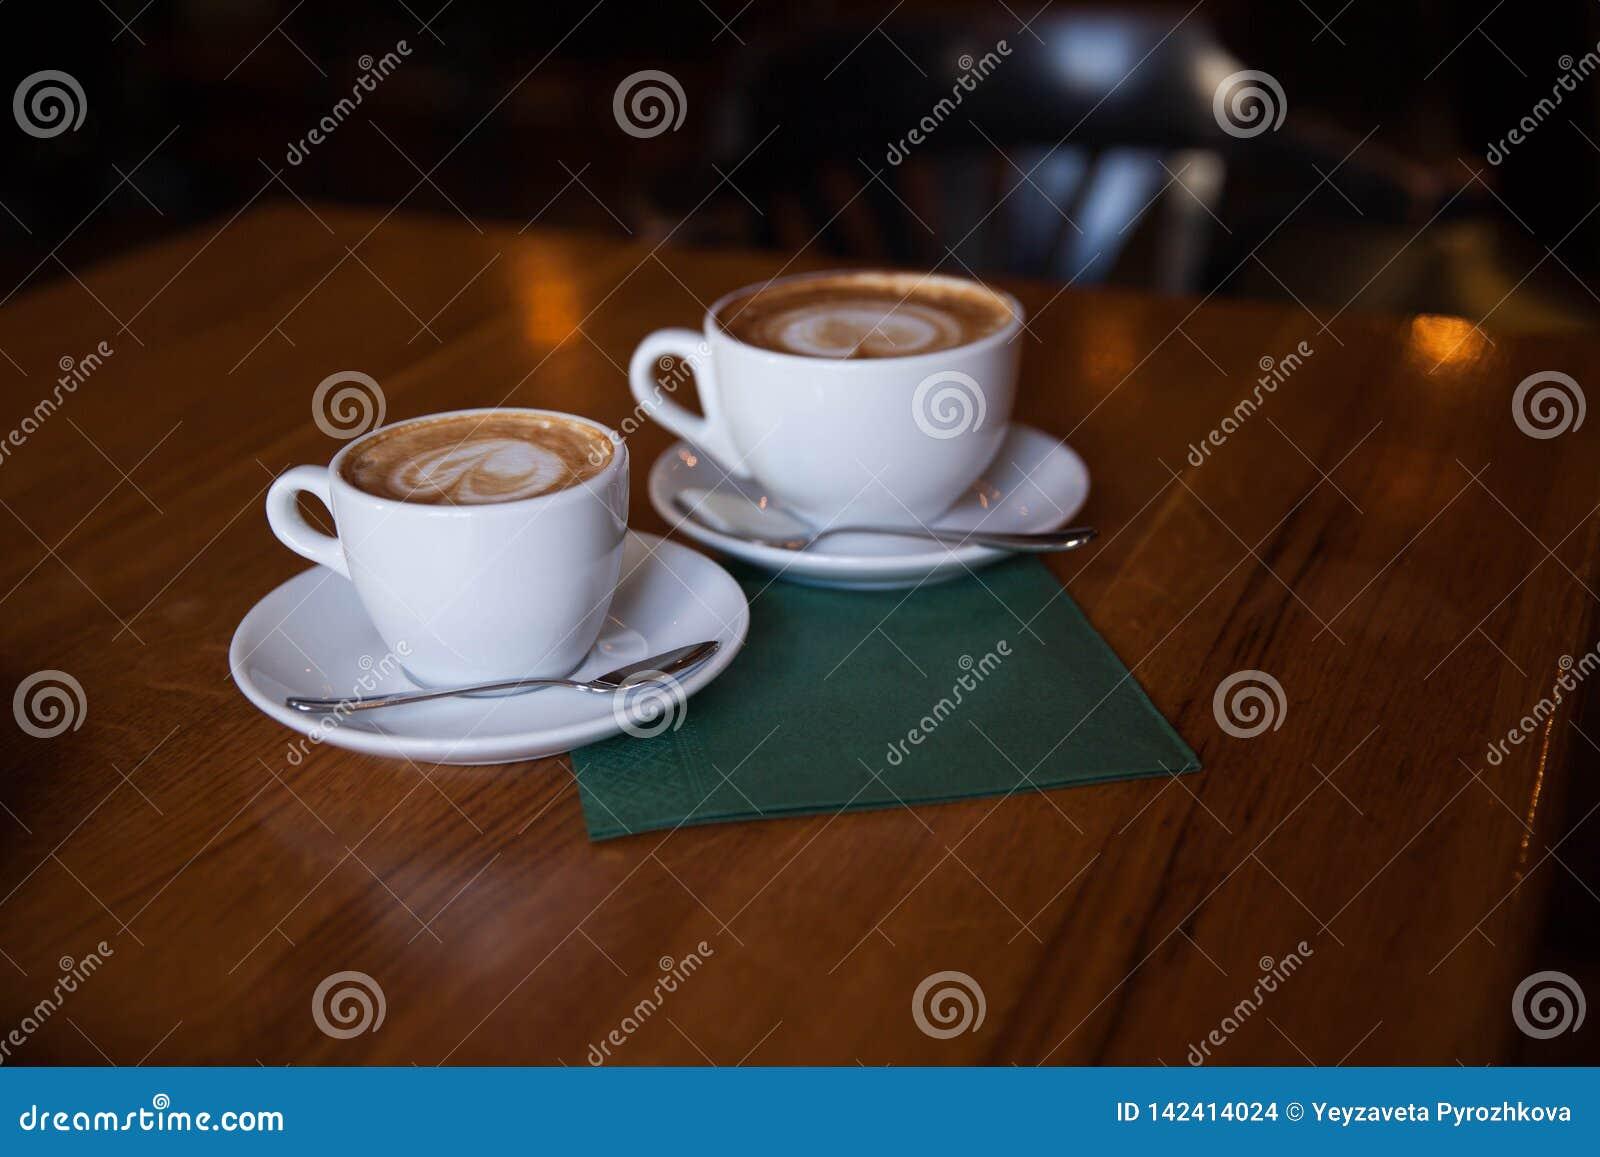 Dwa filiżanki cappuccino na drewnianym stole